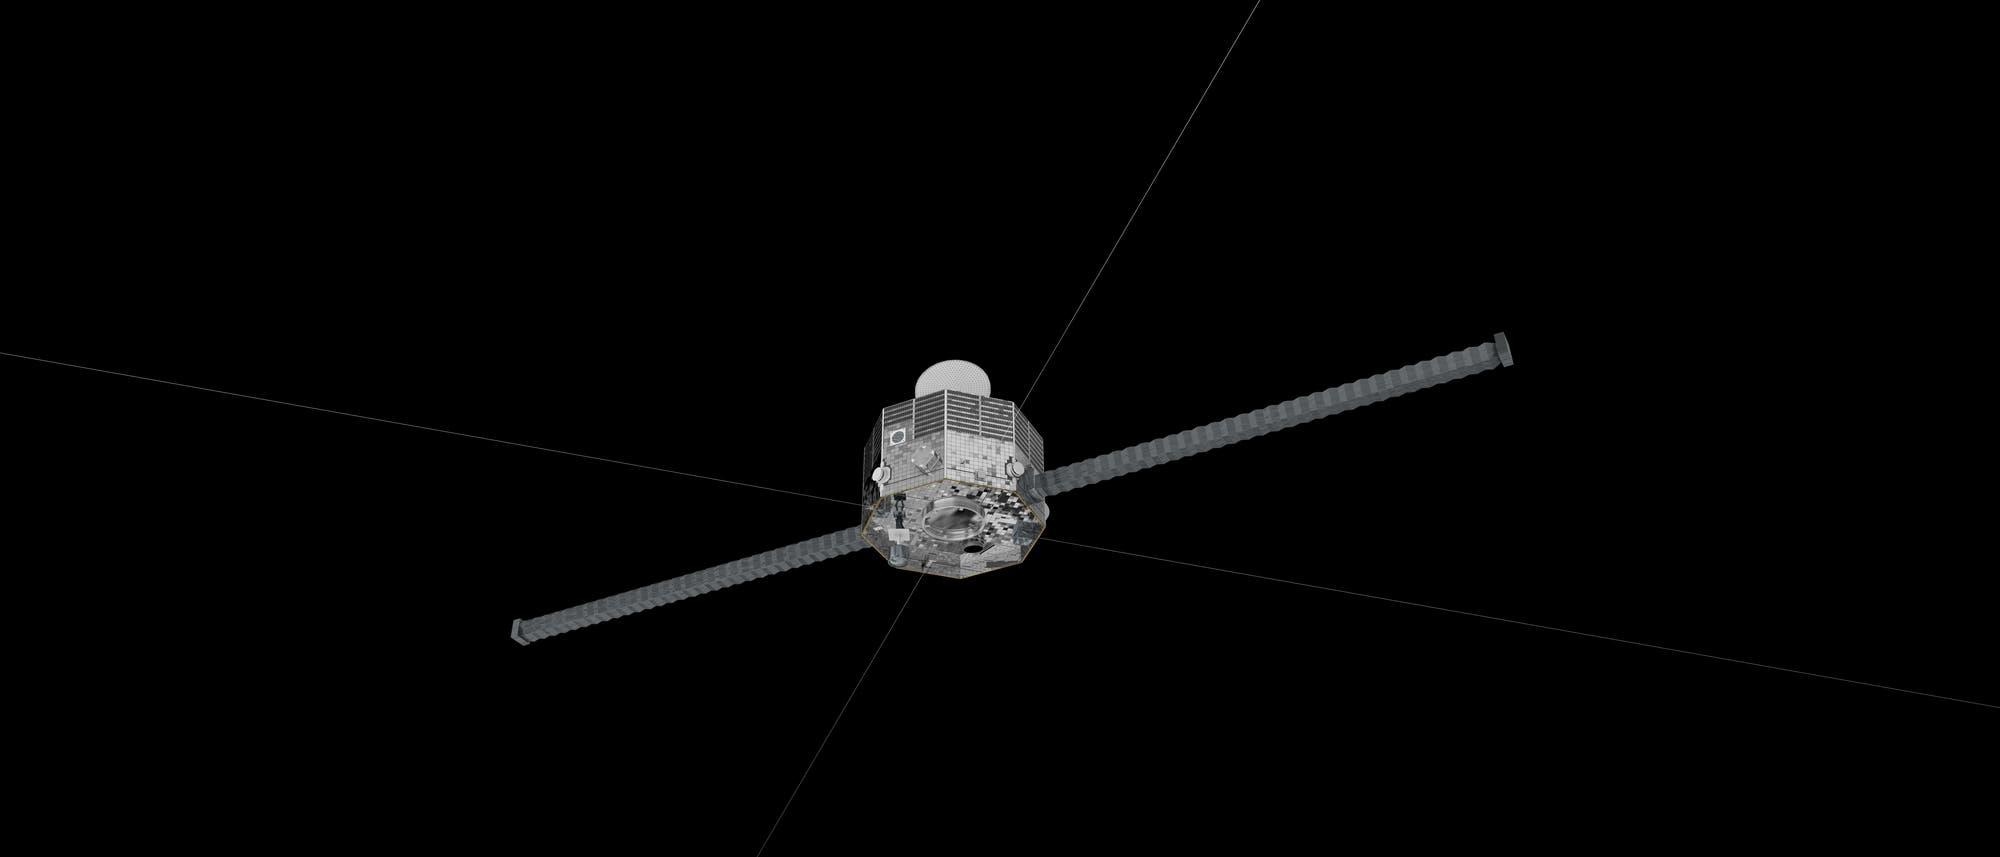 Der Mercury Magnetospheric Orbiter von unten